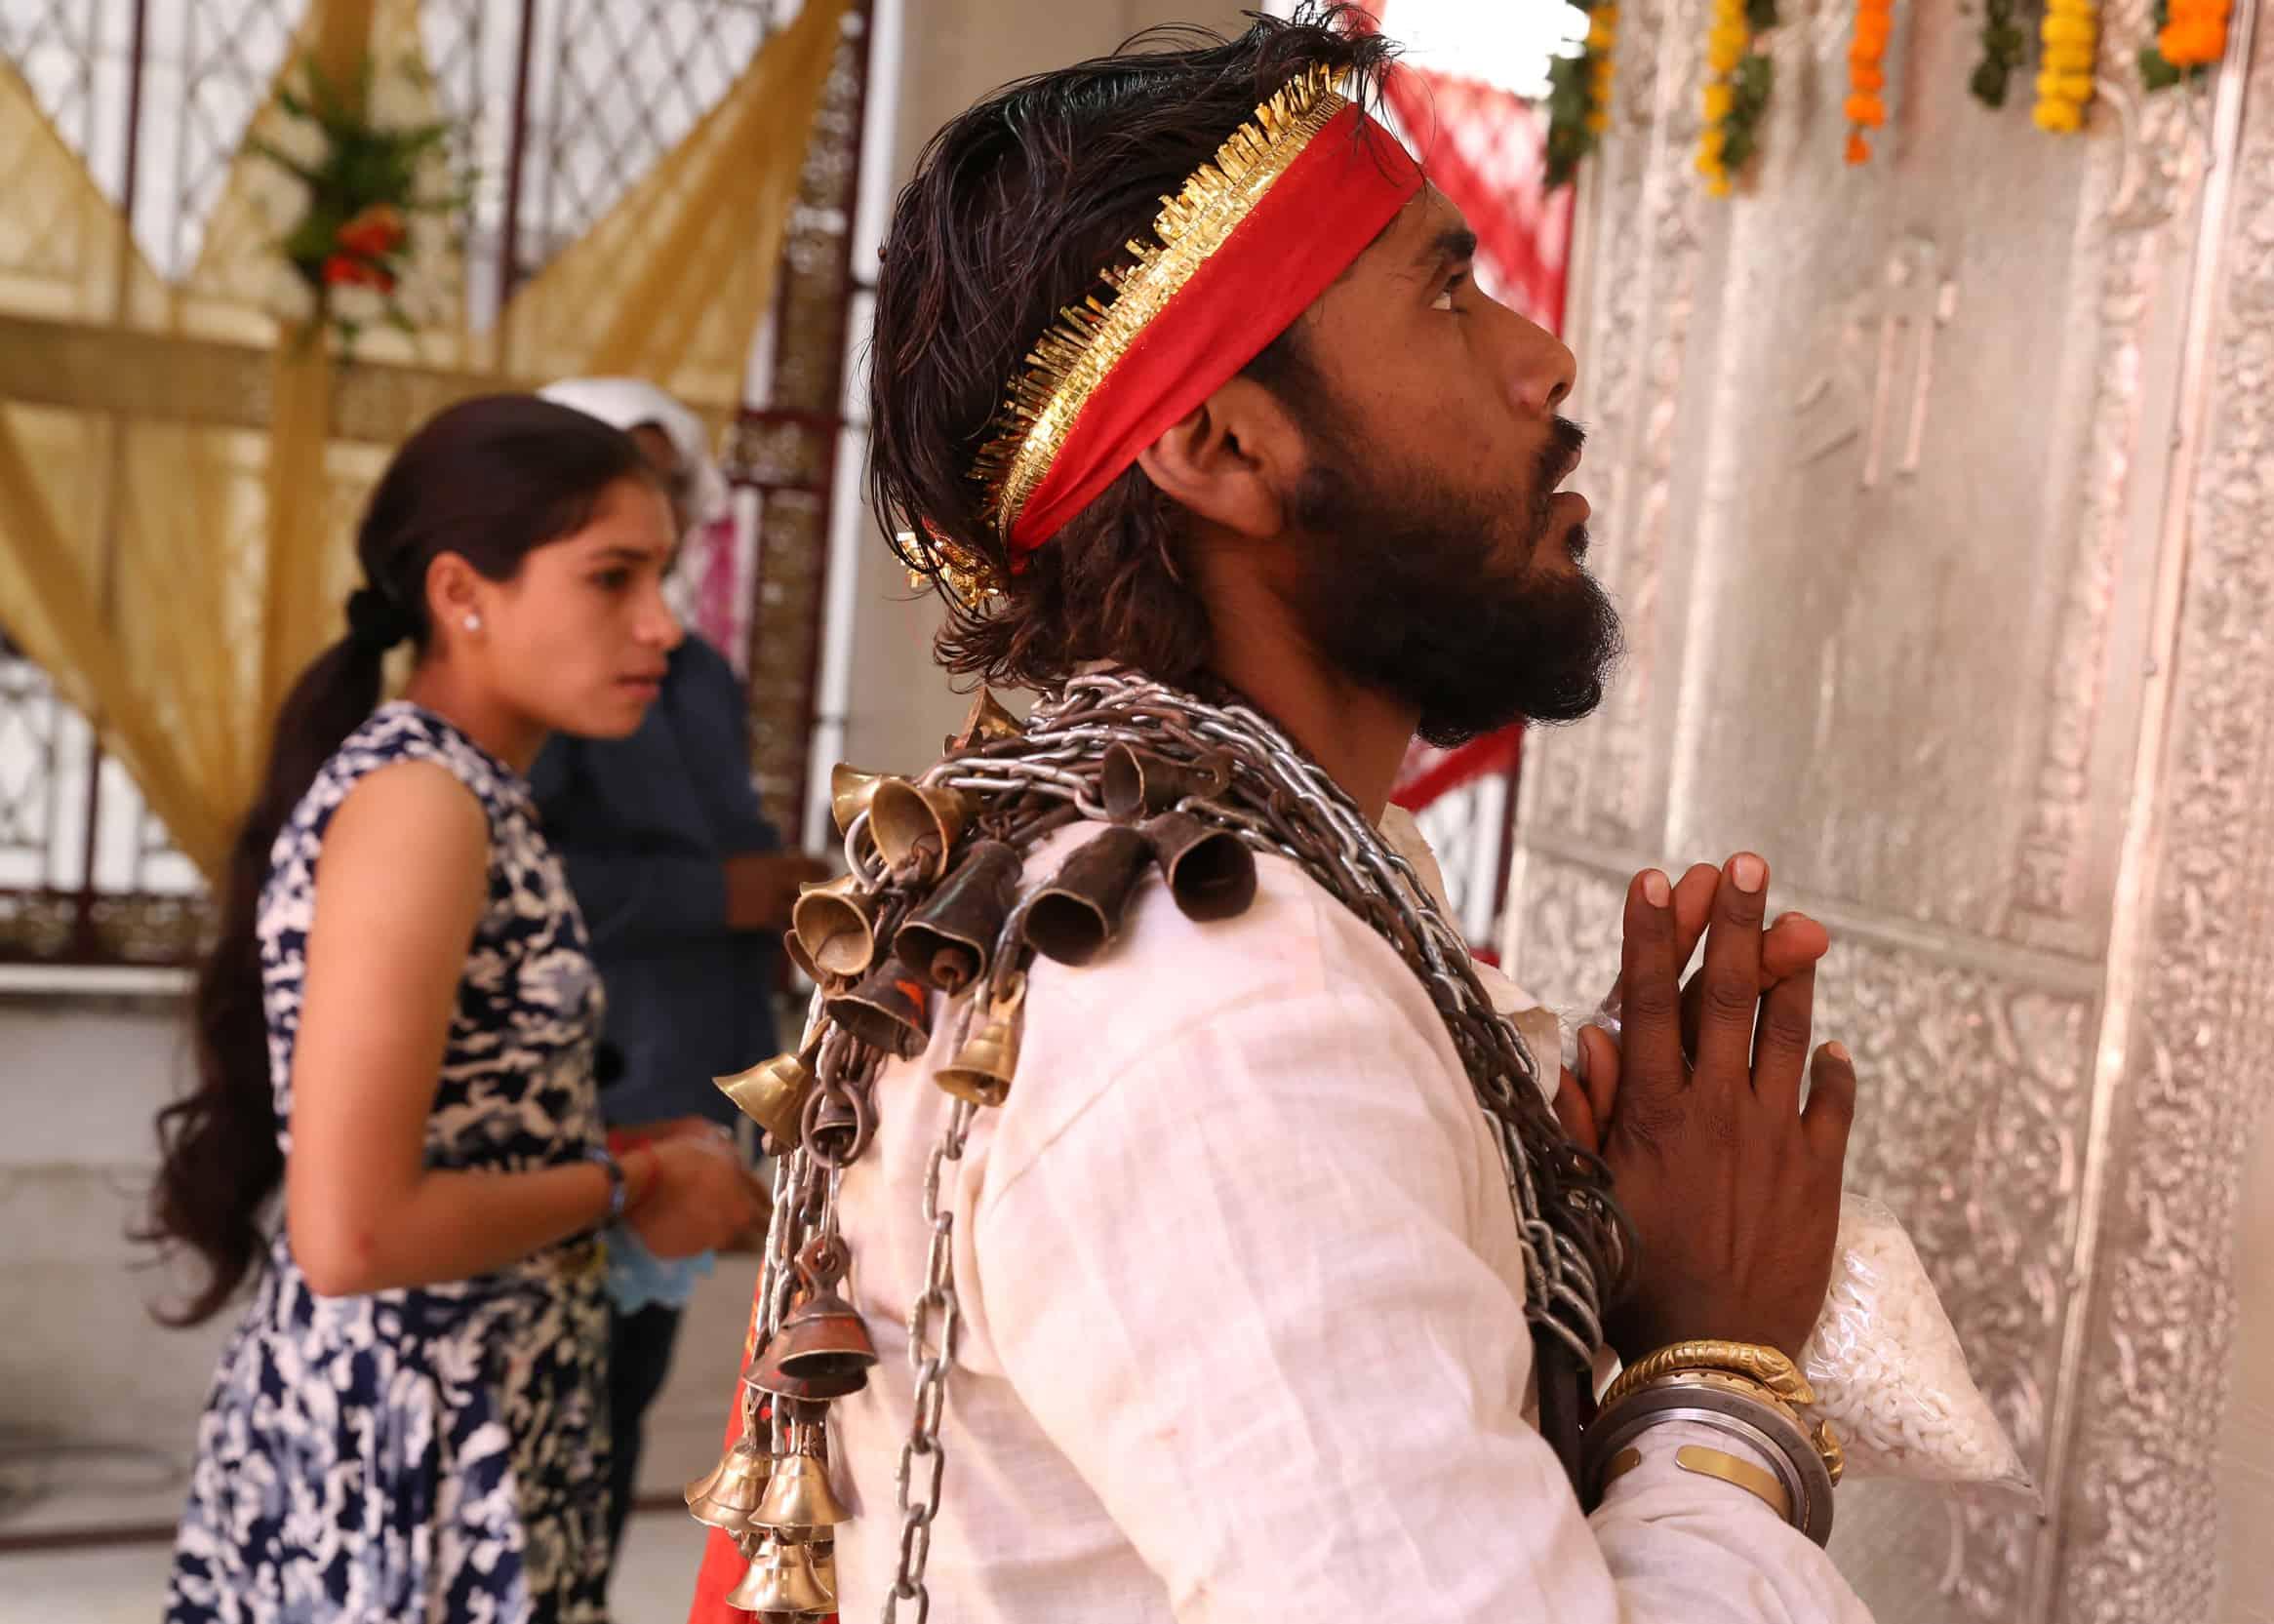 Een Indiër plaats al biddend de handen tegen elkaar.